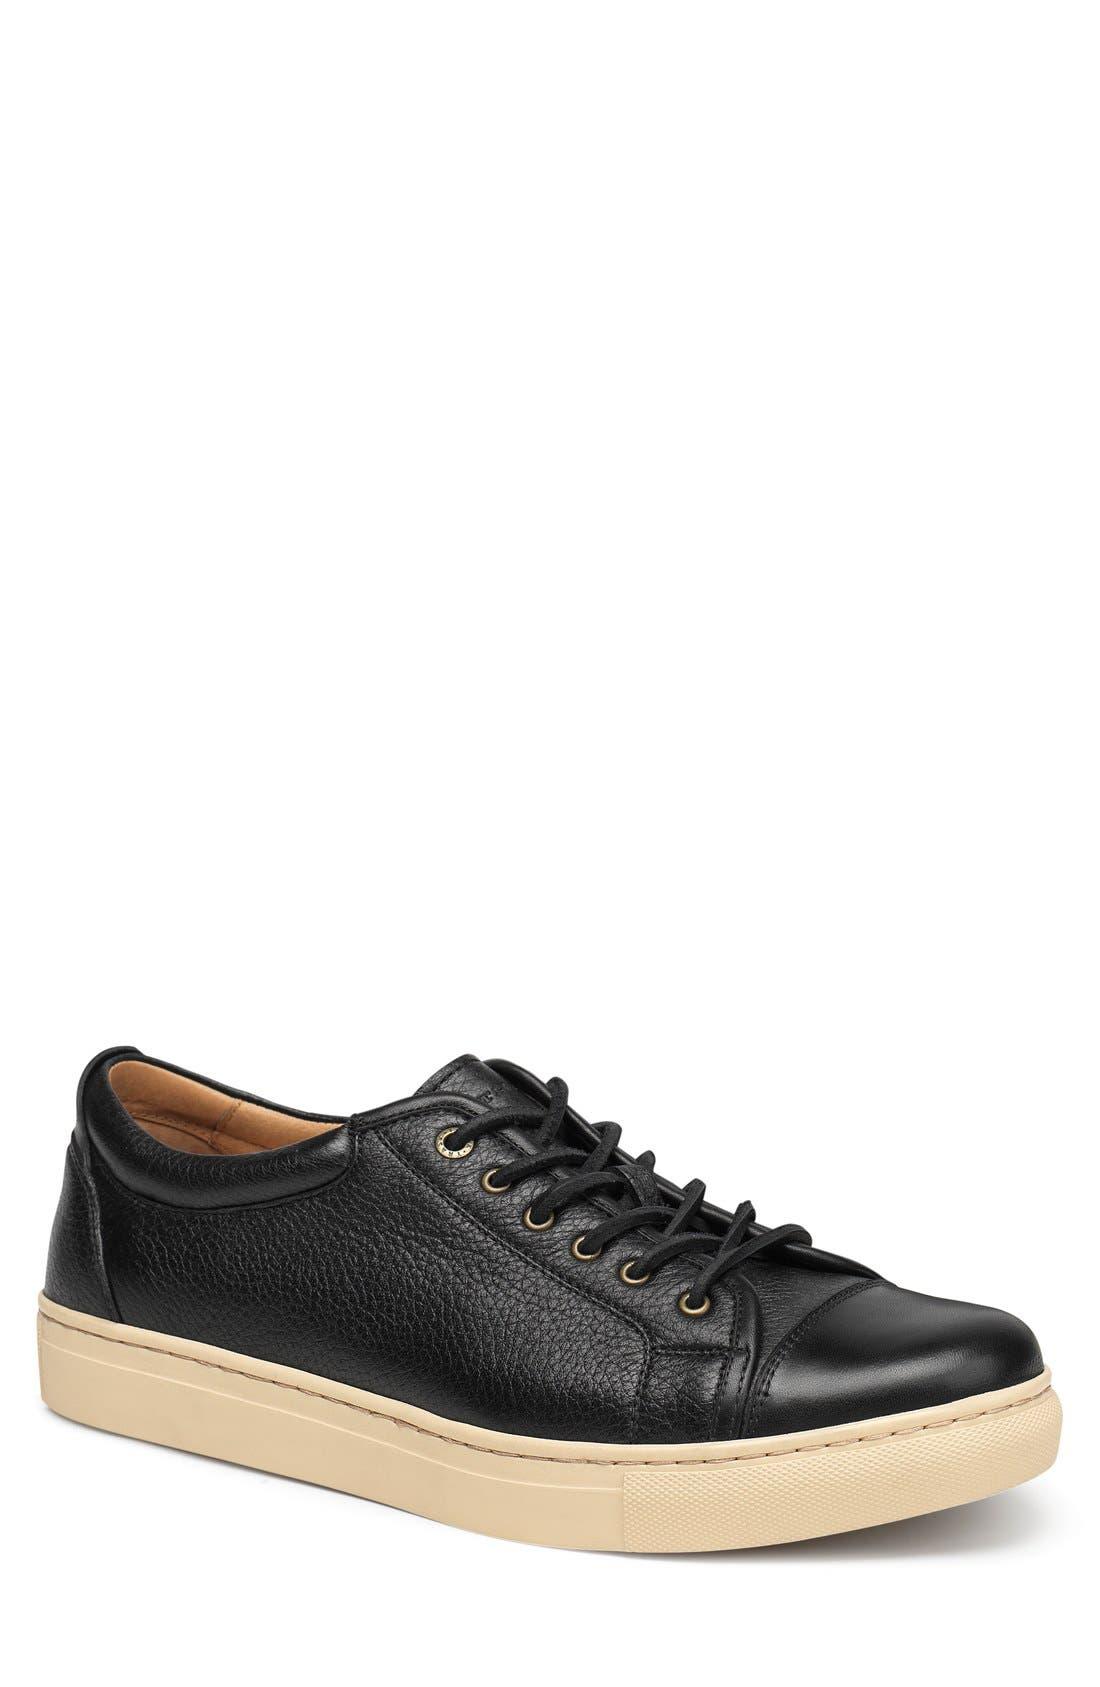 'Beck' Sneaker,                         Main,                         color, BLACK NORWEGIAN ELK